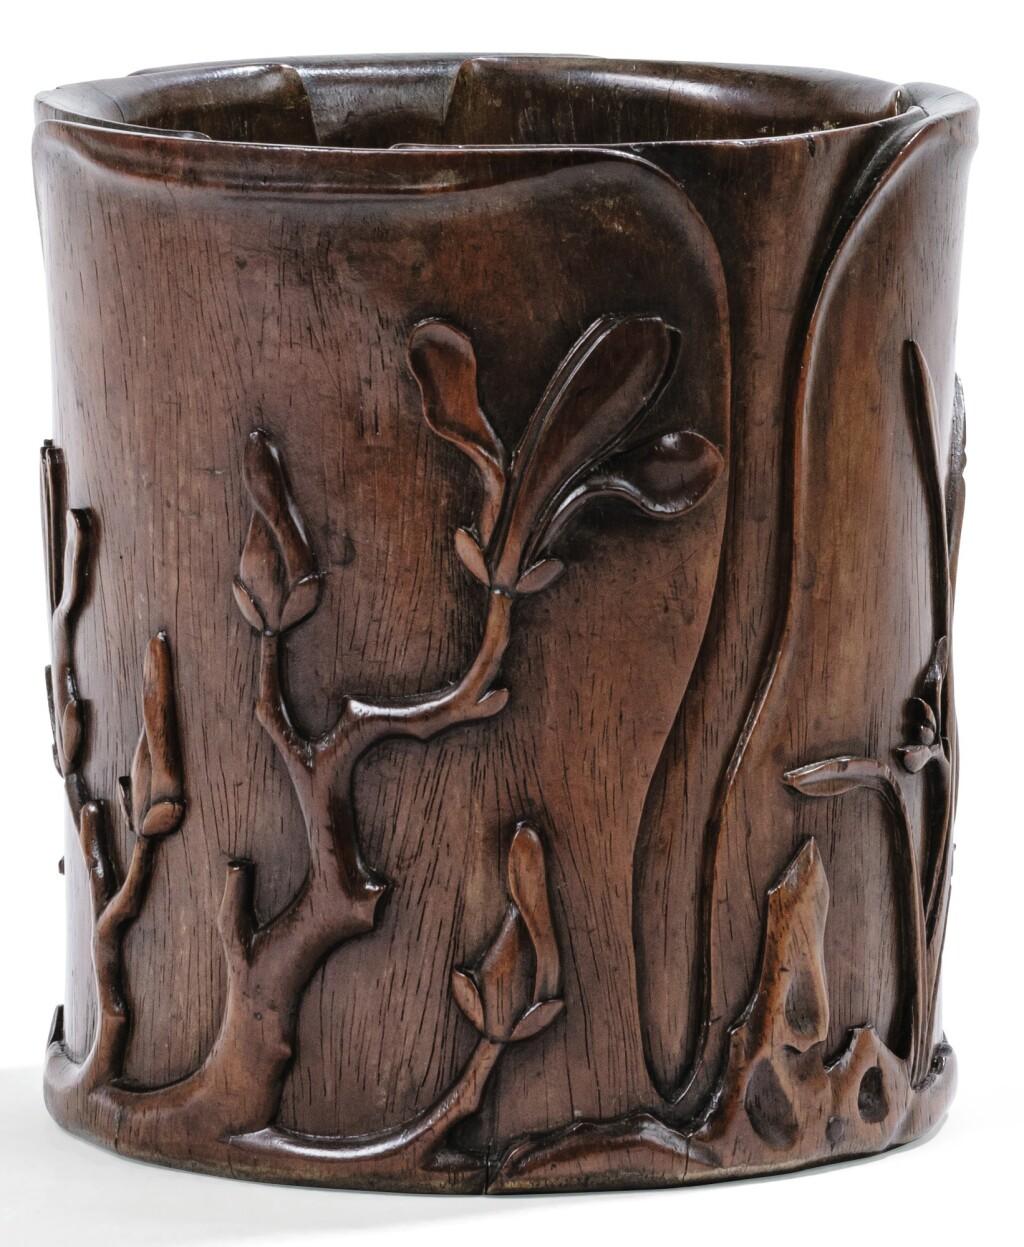 GRAND POT À PINCEAUX EN BOIS SCULPTÉ XVIIE-XVIIIE SIÈCLE | 十七至十八世紀 木雕花卉紋筆筒 | A large hardwood 'magnolia' brush pot, 17th/18th century